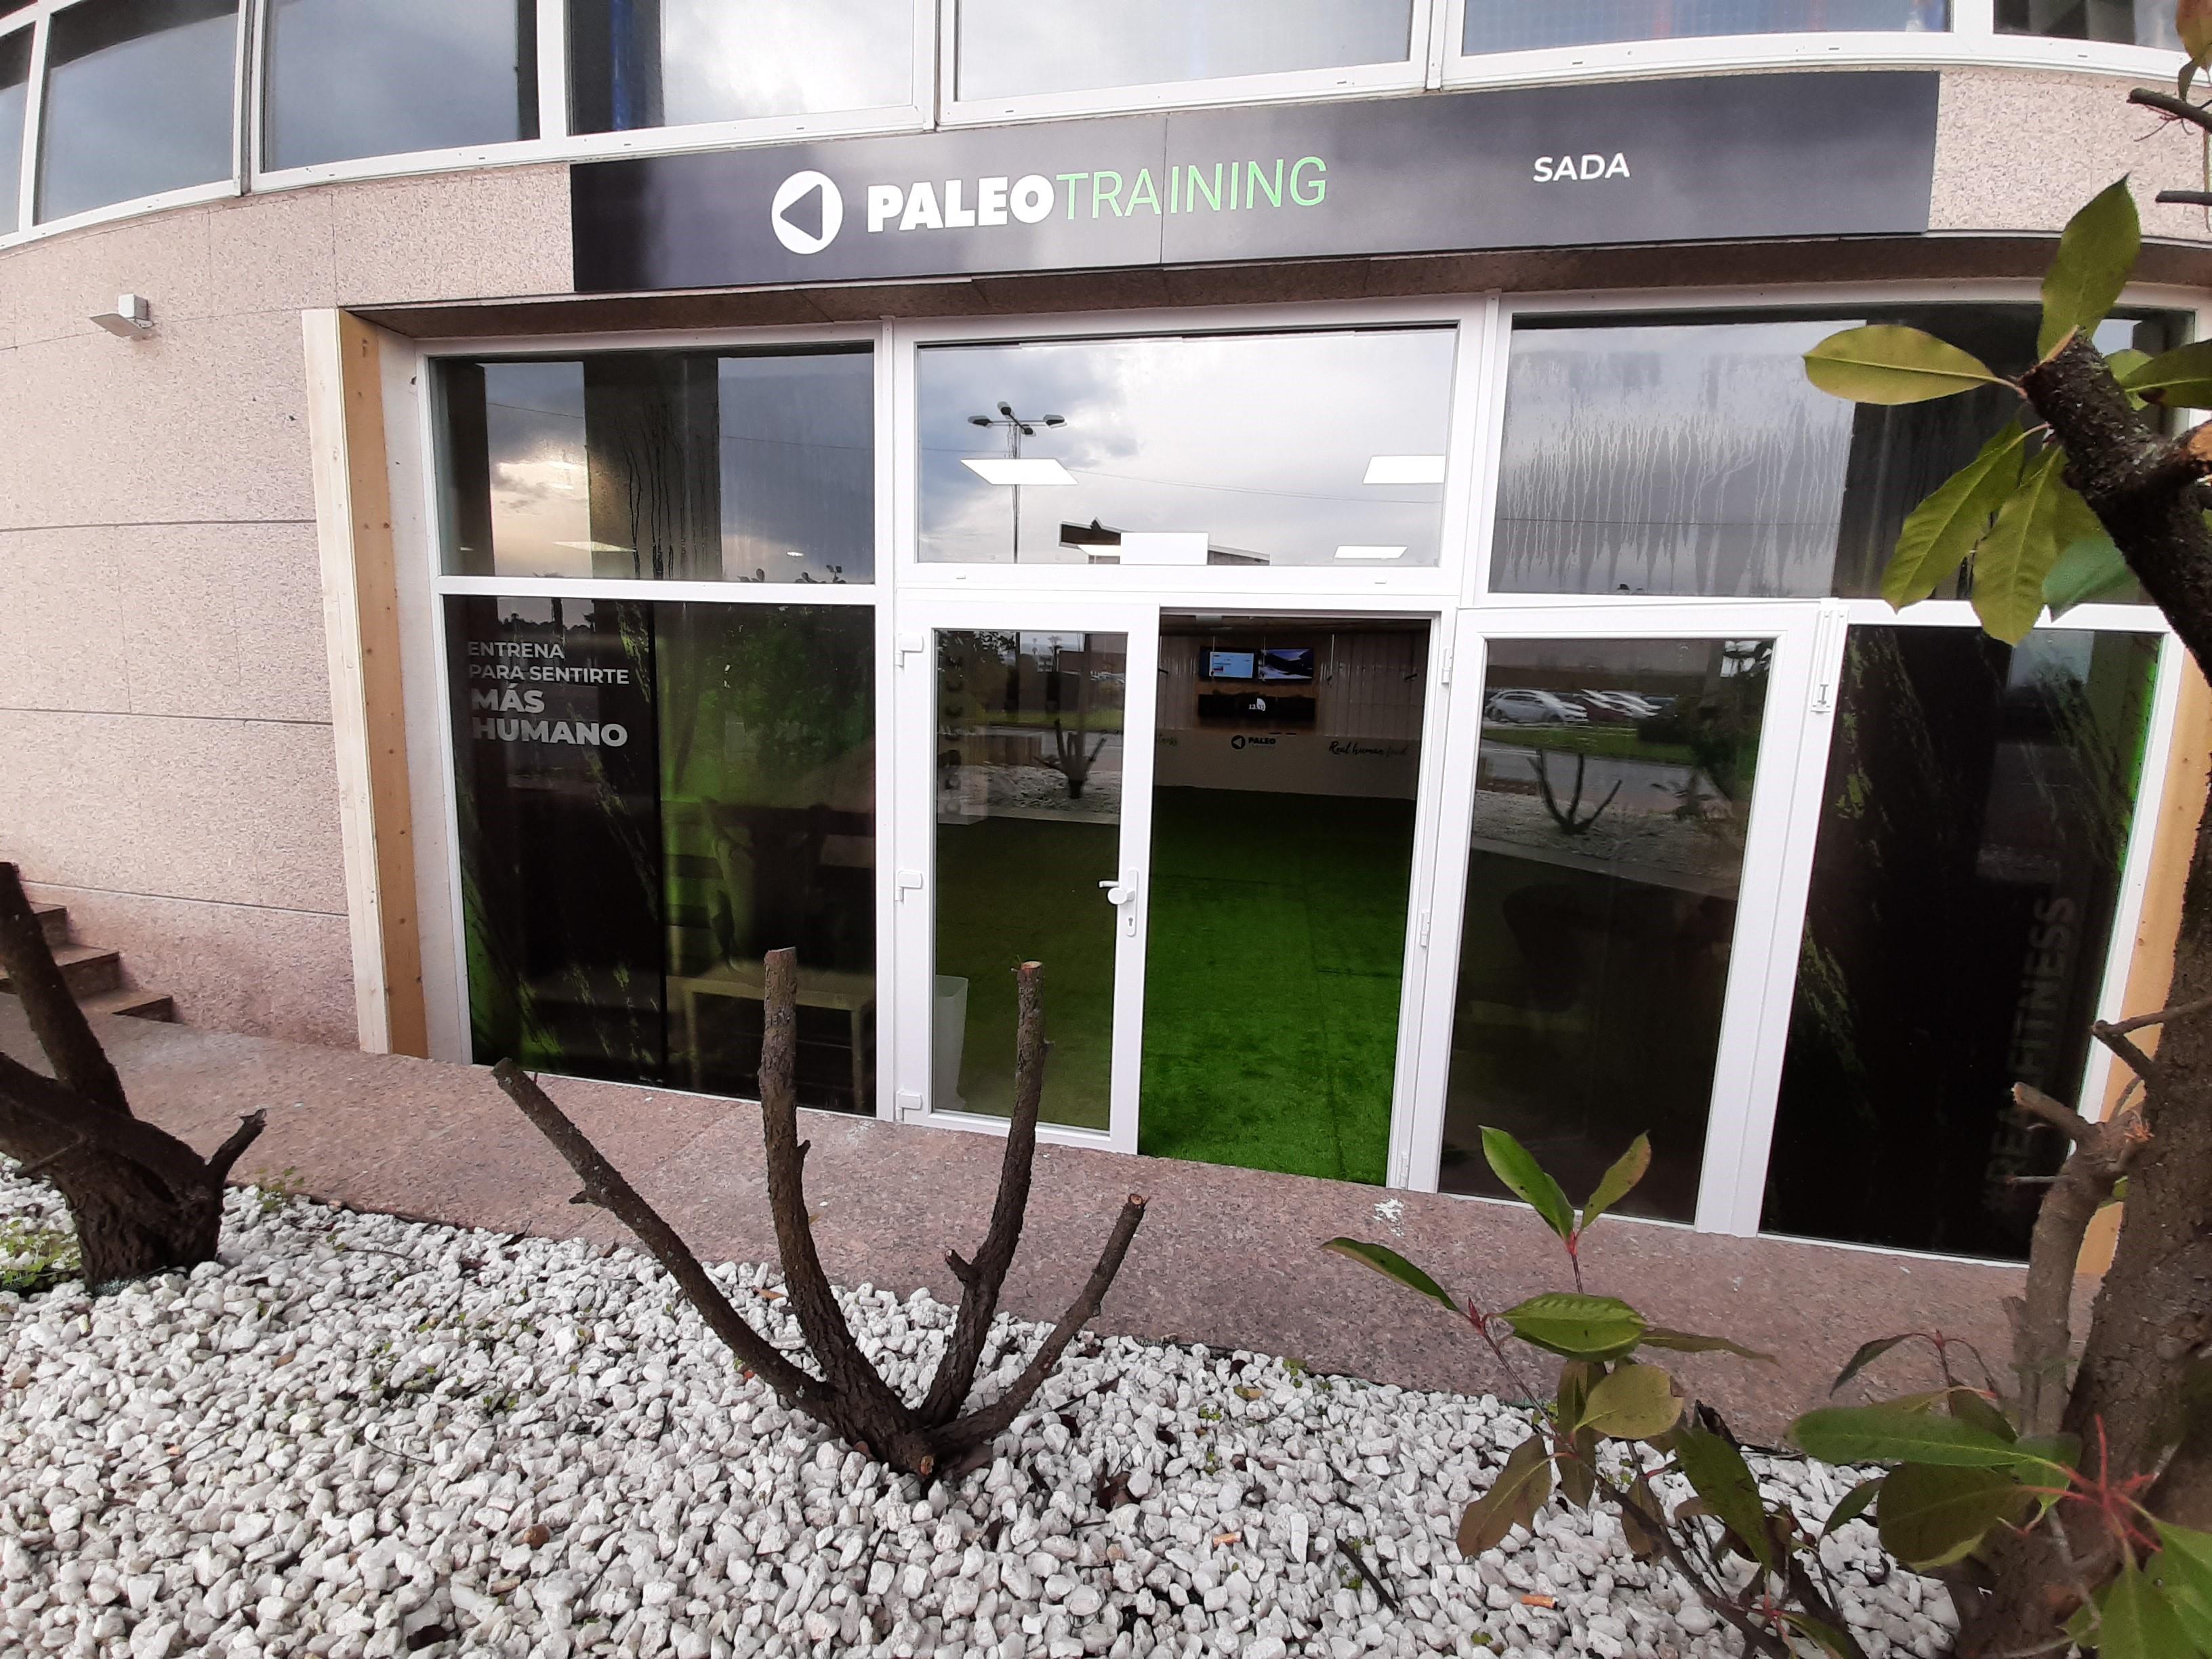 Paleotraining inicia su expansión 2021 con su primer gimnasio en un hotel